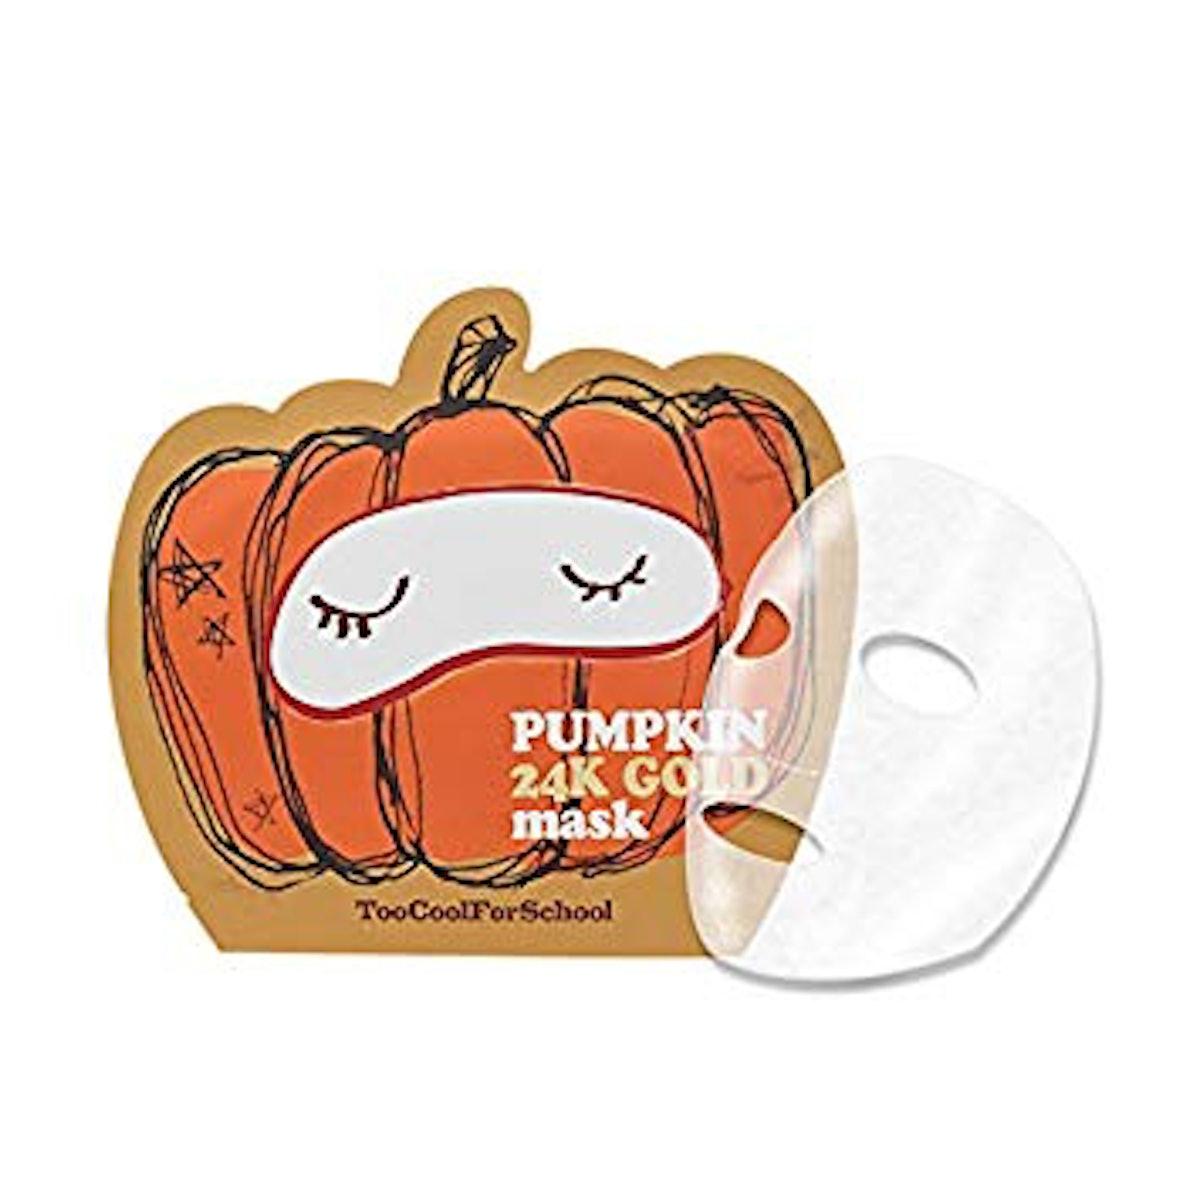 Too Cool For School Pumpkin 24K Gold Sheet Mask